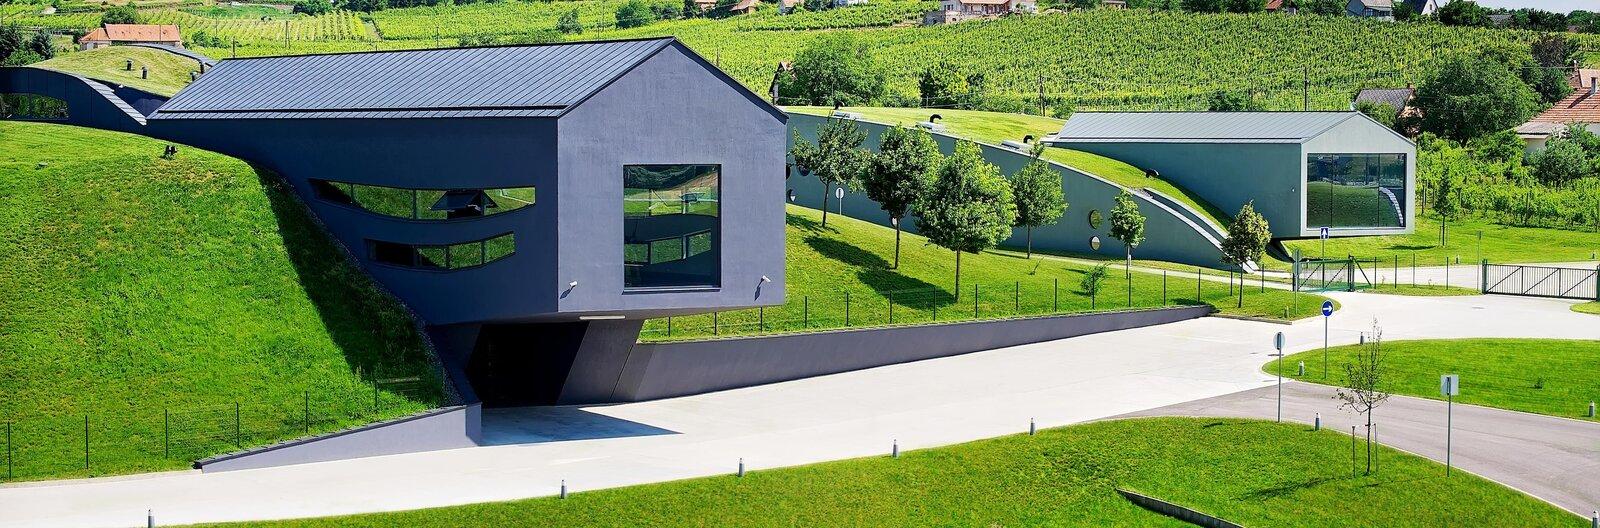 Jól áll a kortárs a Balatonnak! - 10 modern épület a tó körül